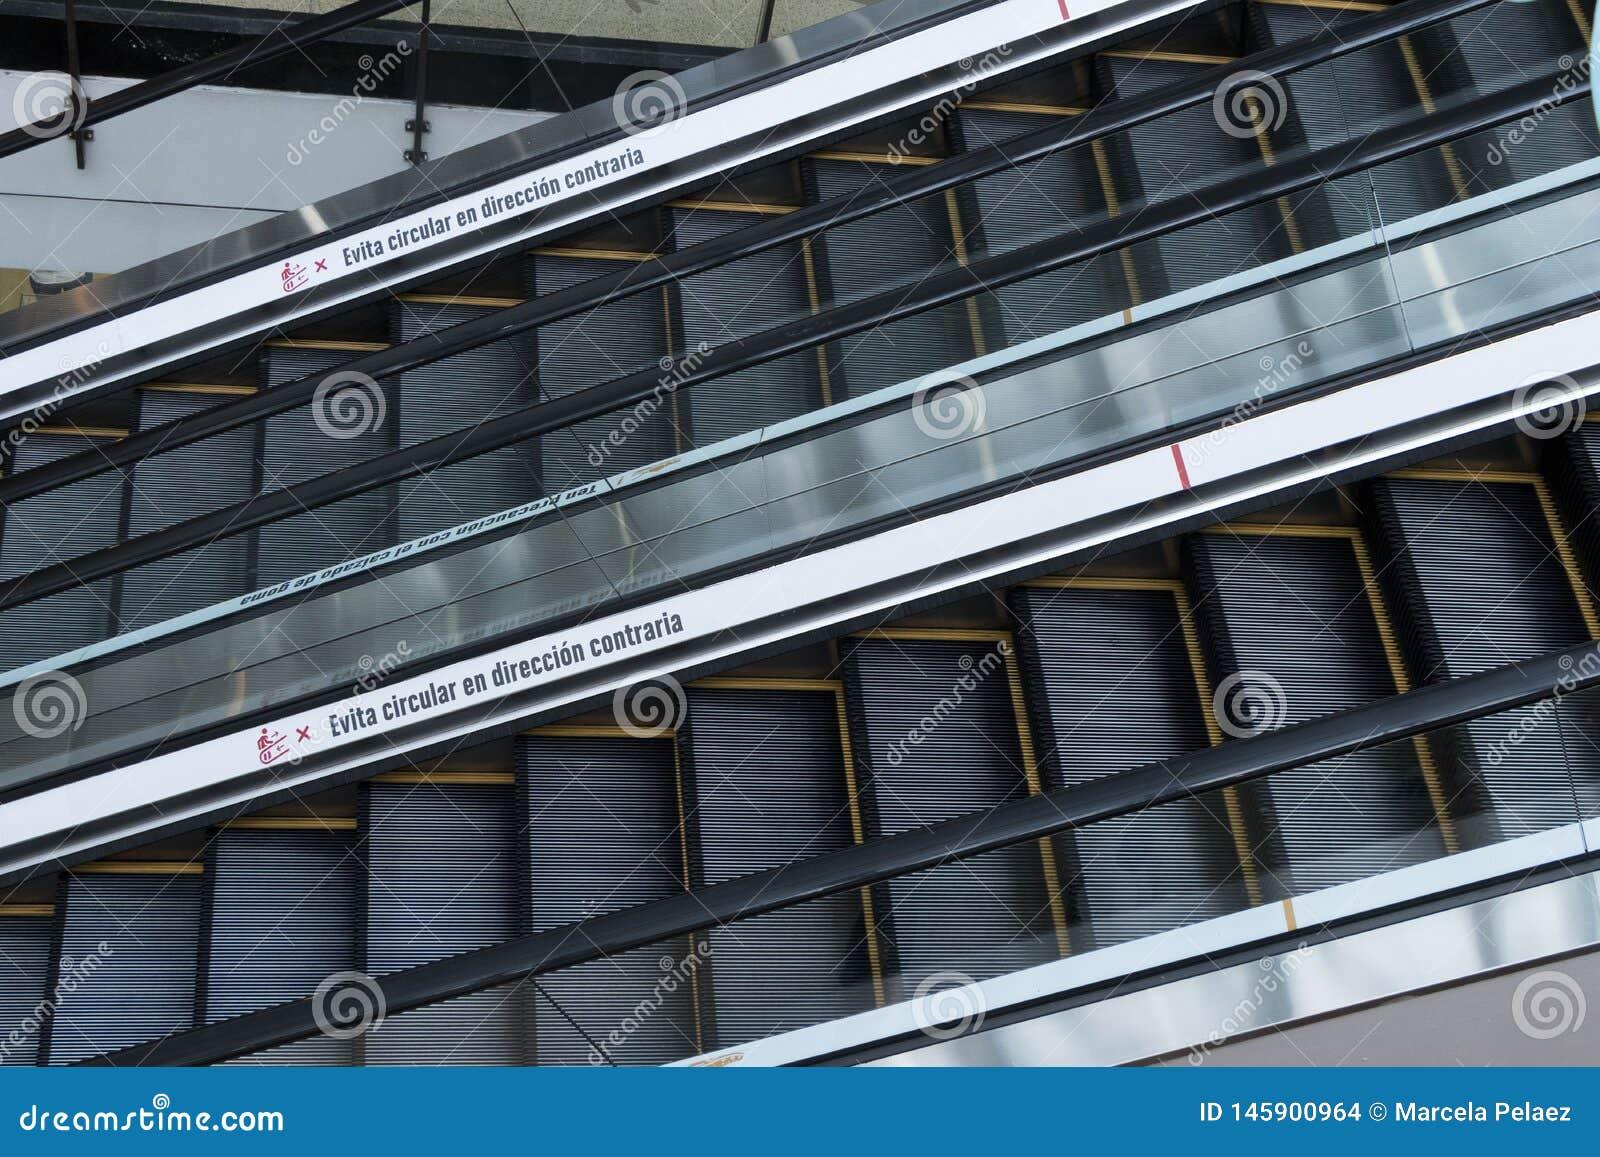 Duas escadas rolantes no primeiro plano com um sinal em espanhol que diz evitam ir no sentido oposto